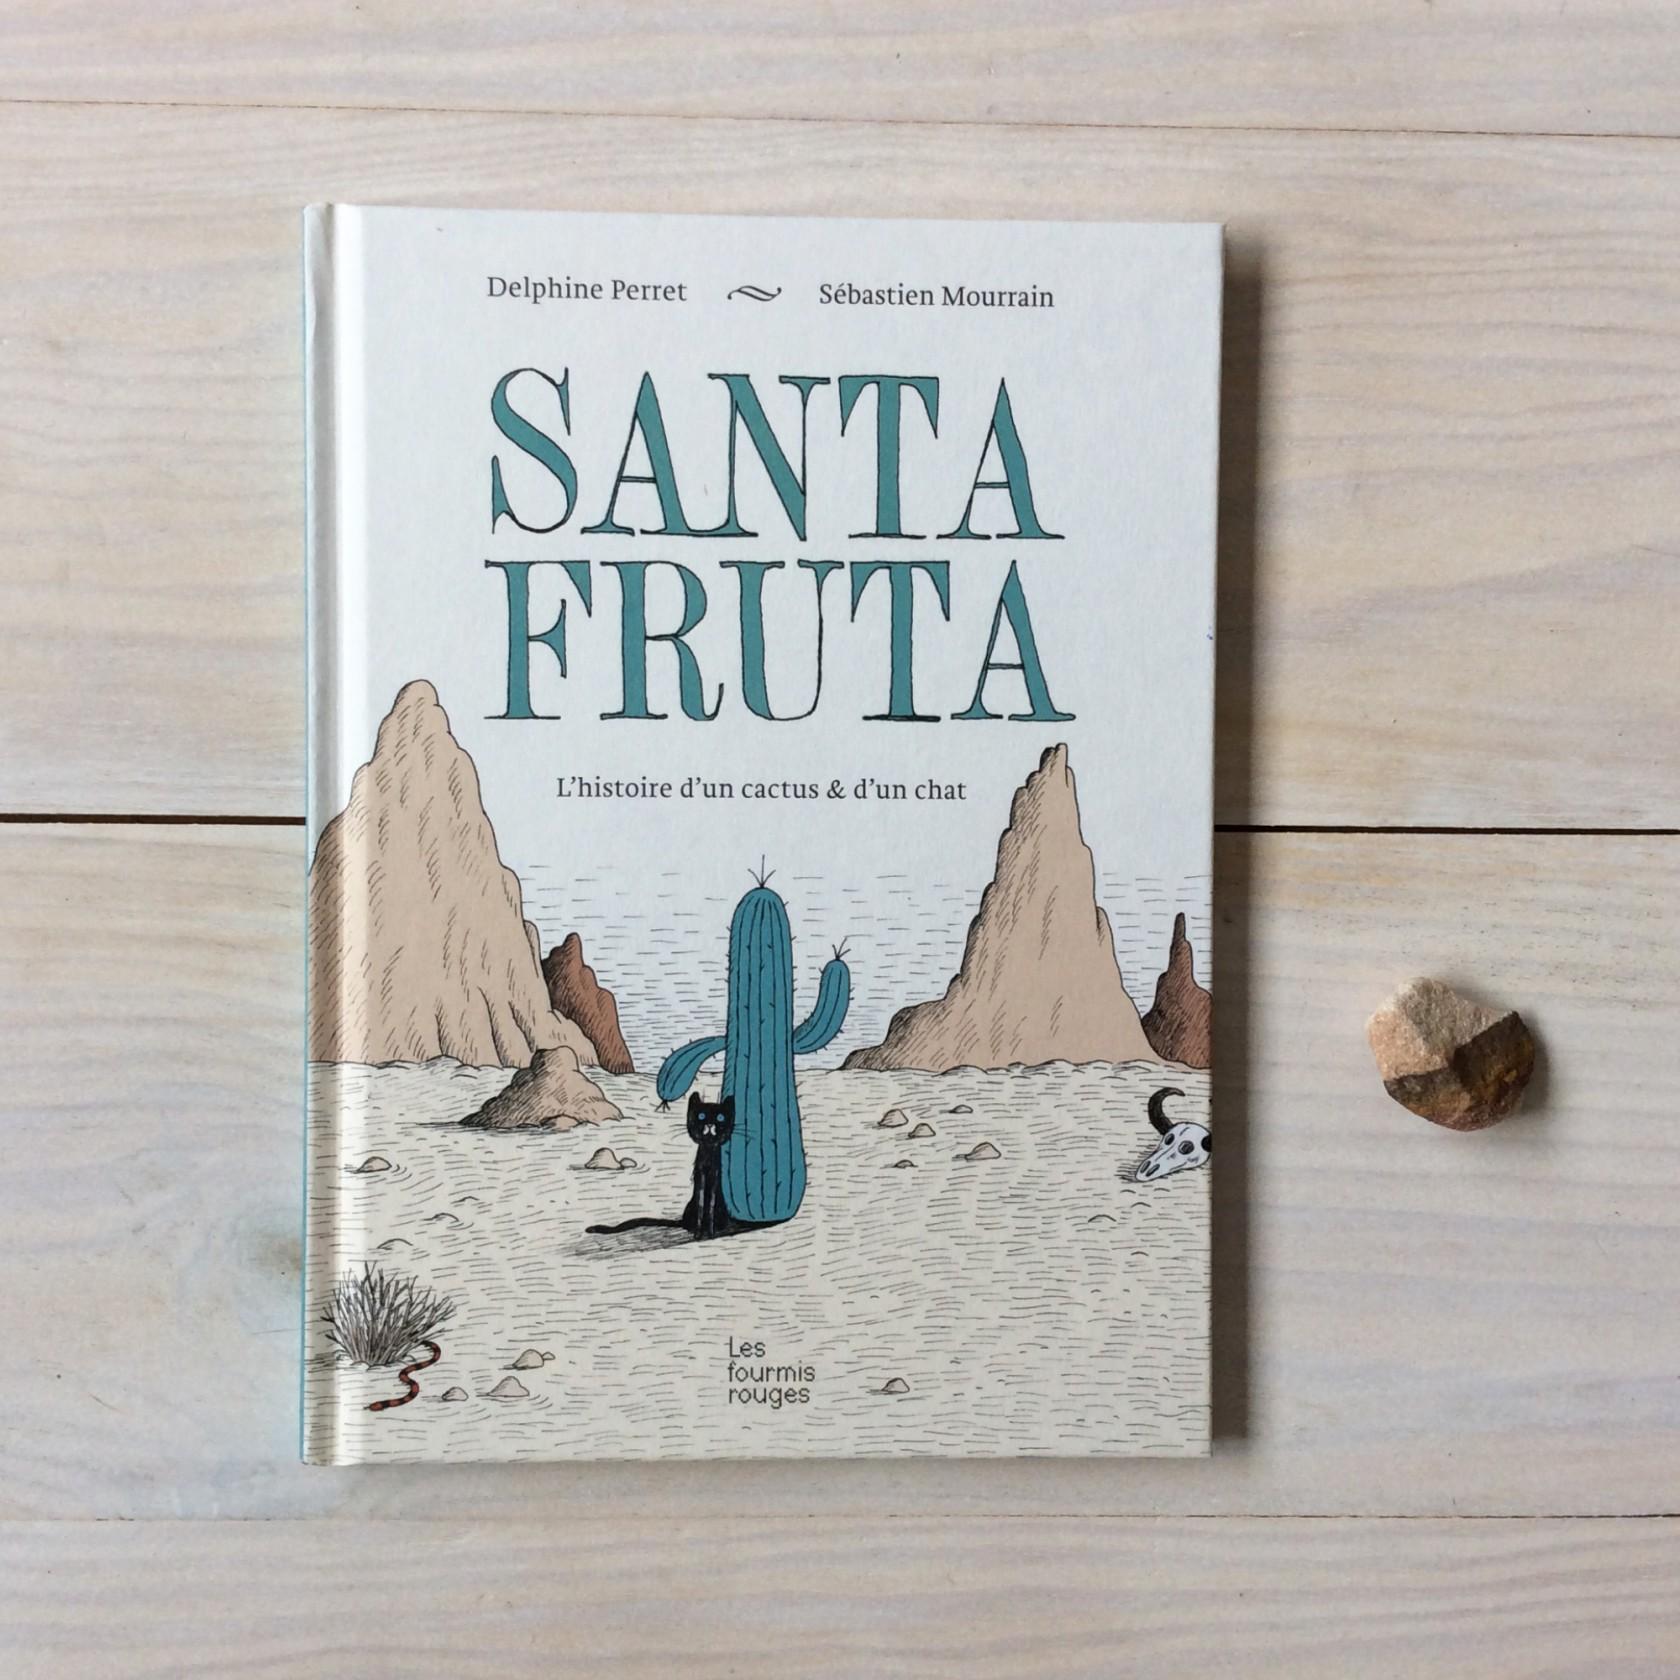 fouinzanardi -  fz_print-books_fourmisrouges13